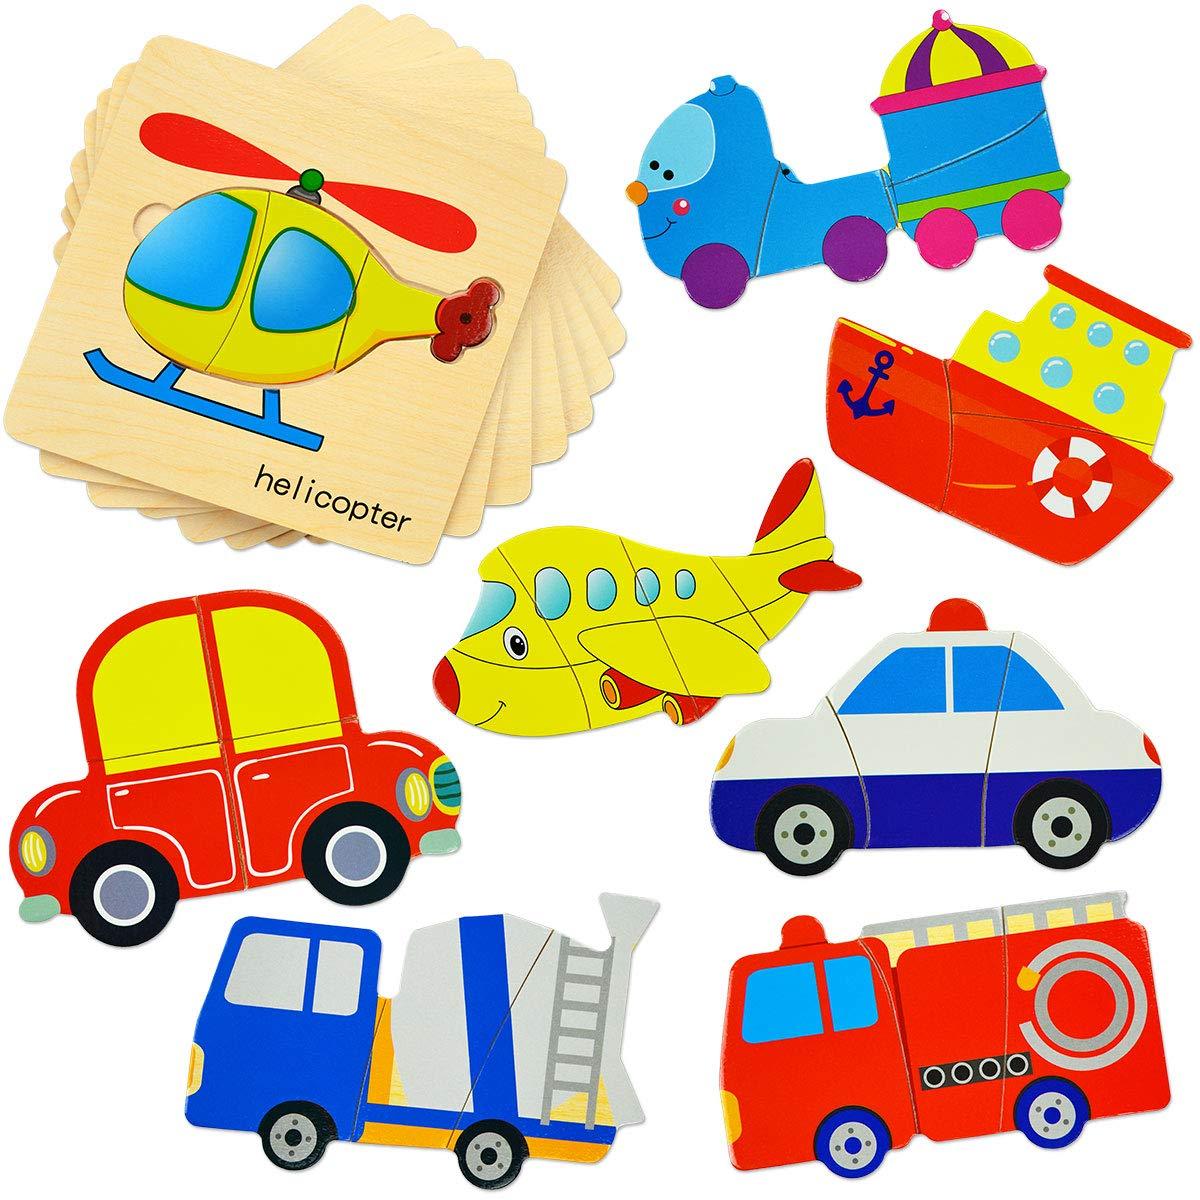 幼児用木製パズル 就学前用車両 初心者用パズルセット 子供用 形状 色学習 教育 3Dパズル おもちゃ (8パック)   B07R3YGSX5